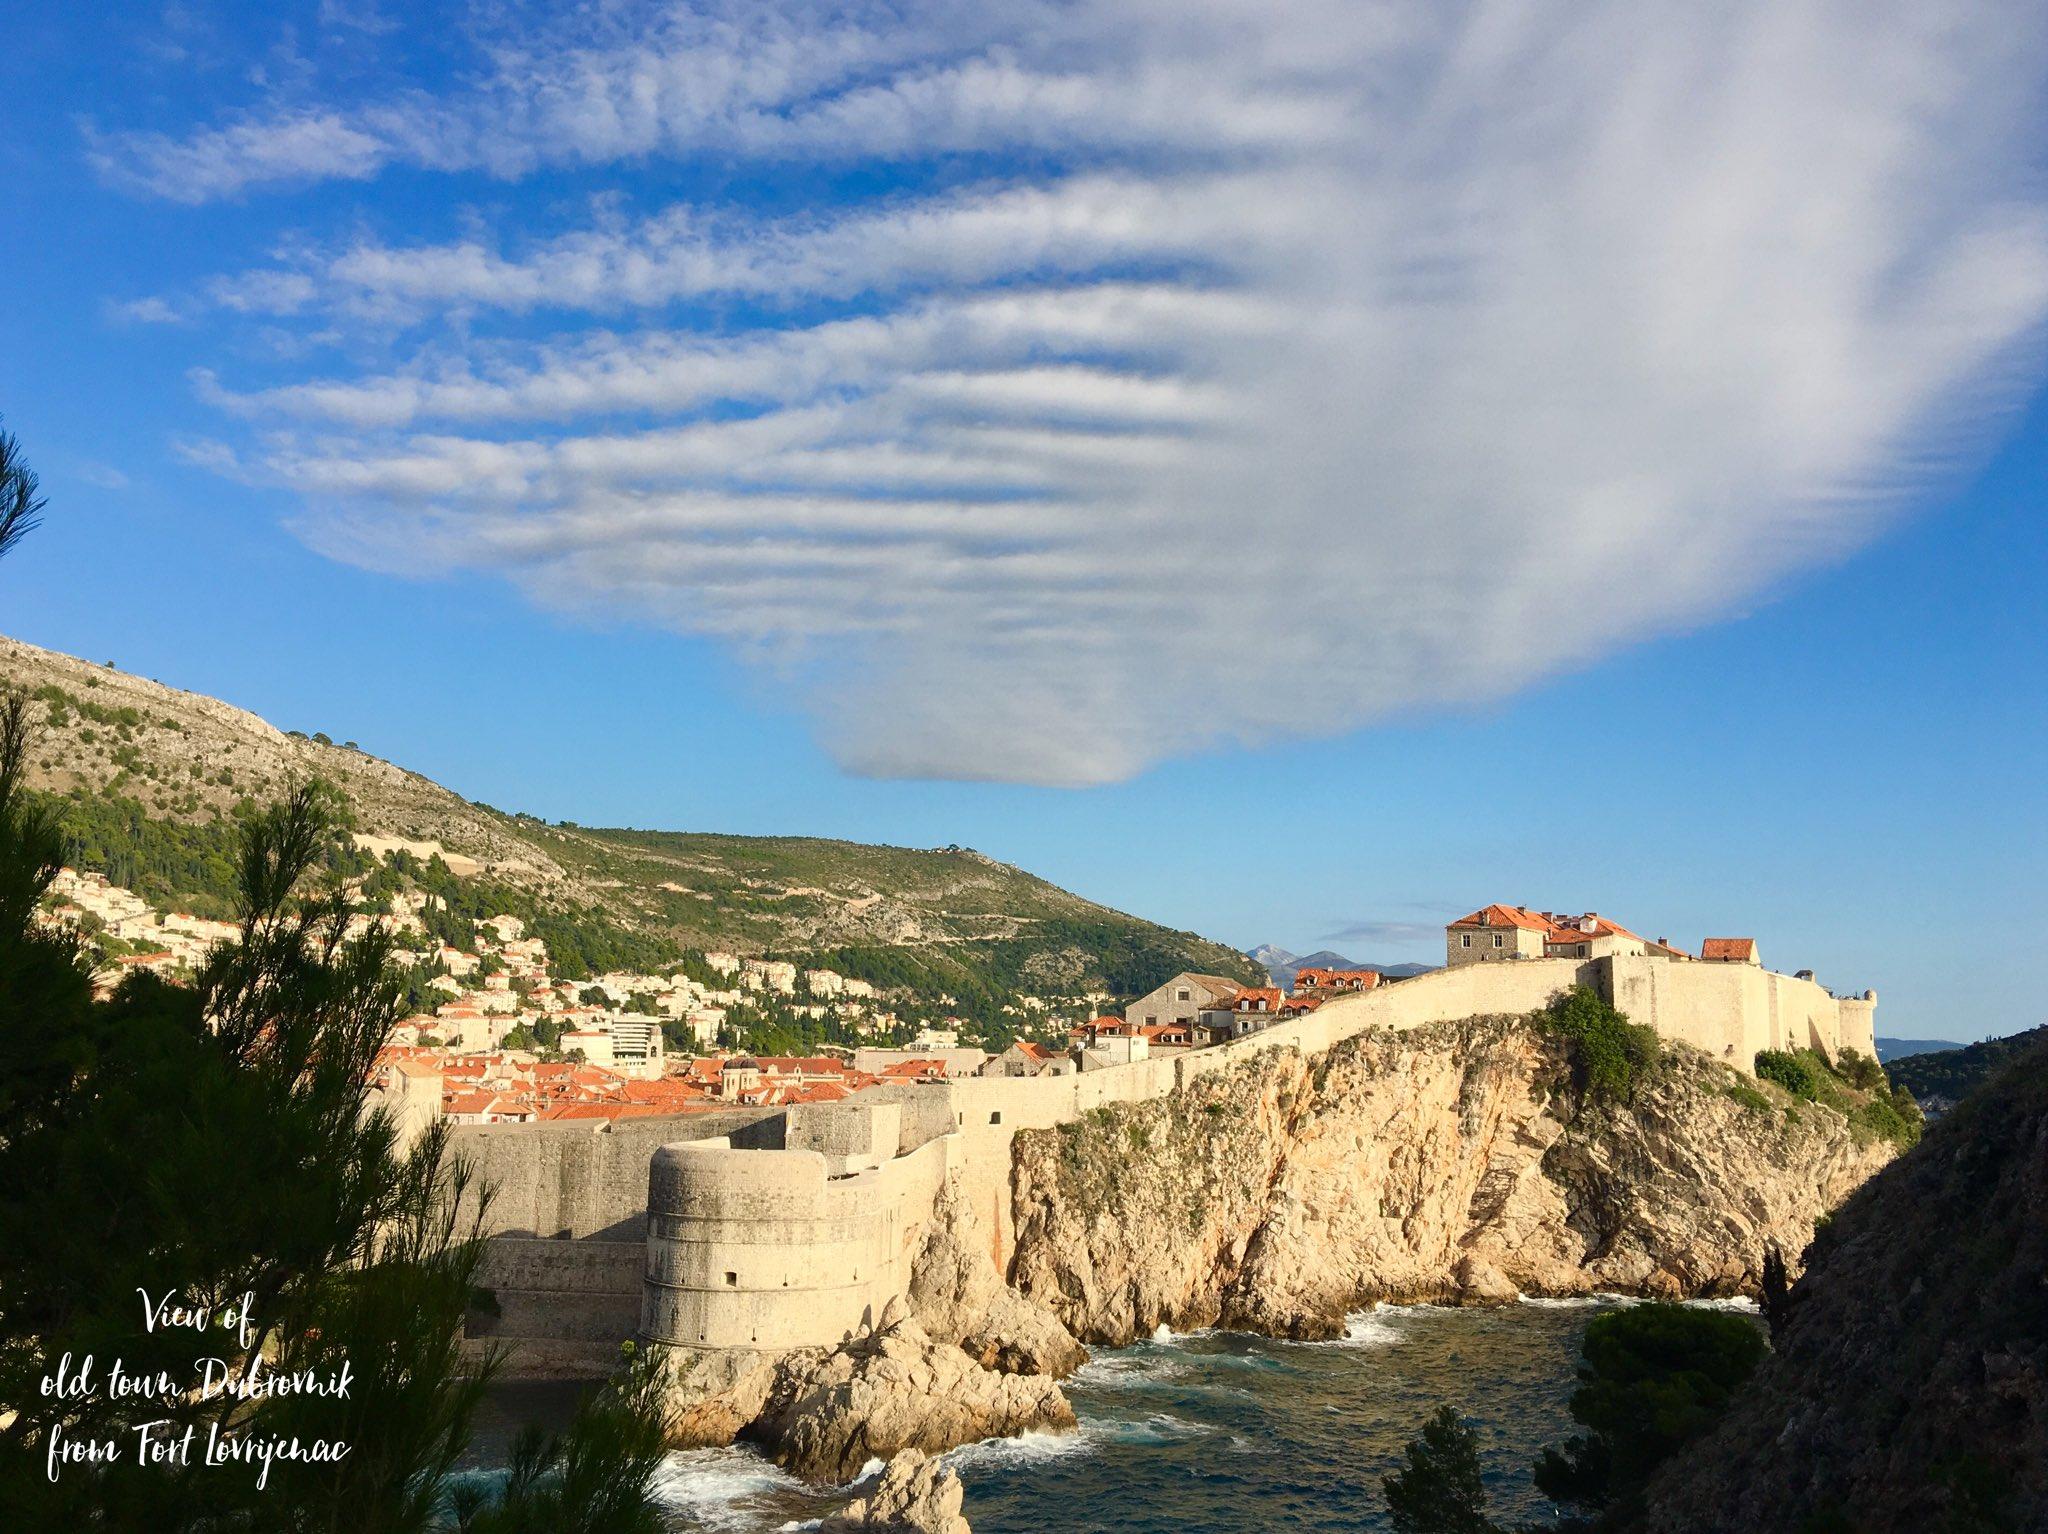 Odyssey Croatia 2018 https://t.co/8XNsZsRjbH